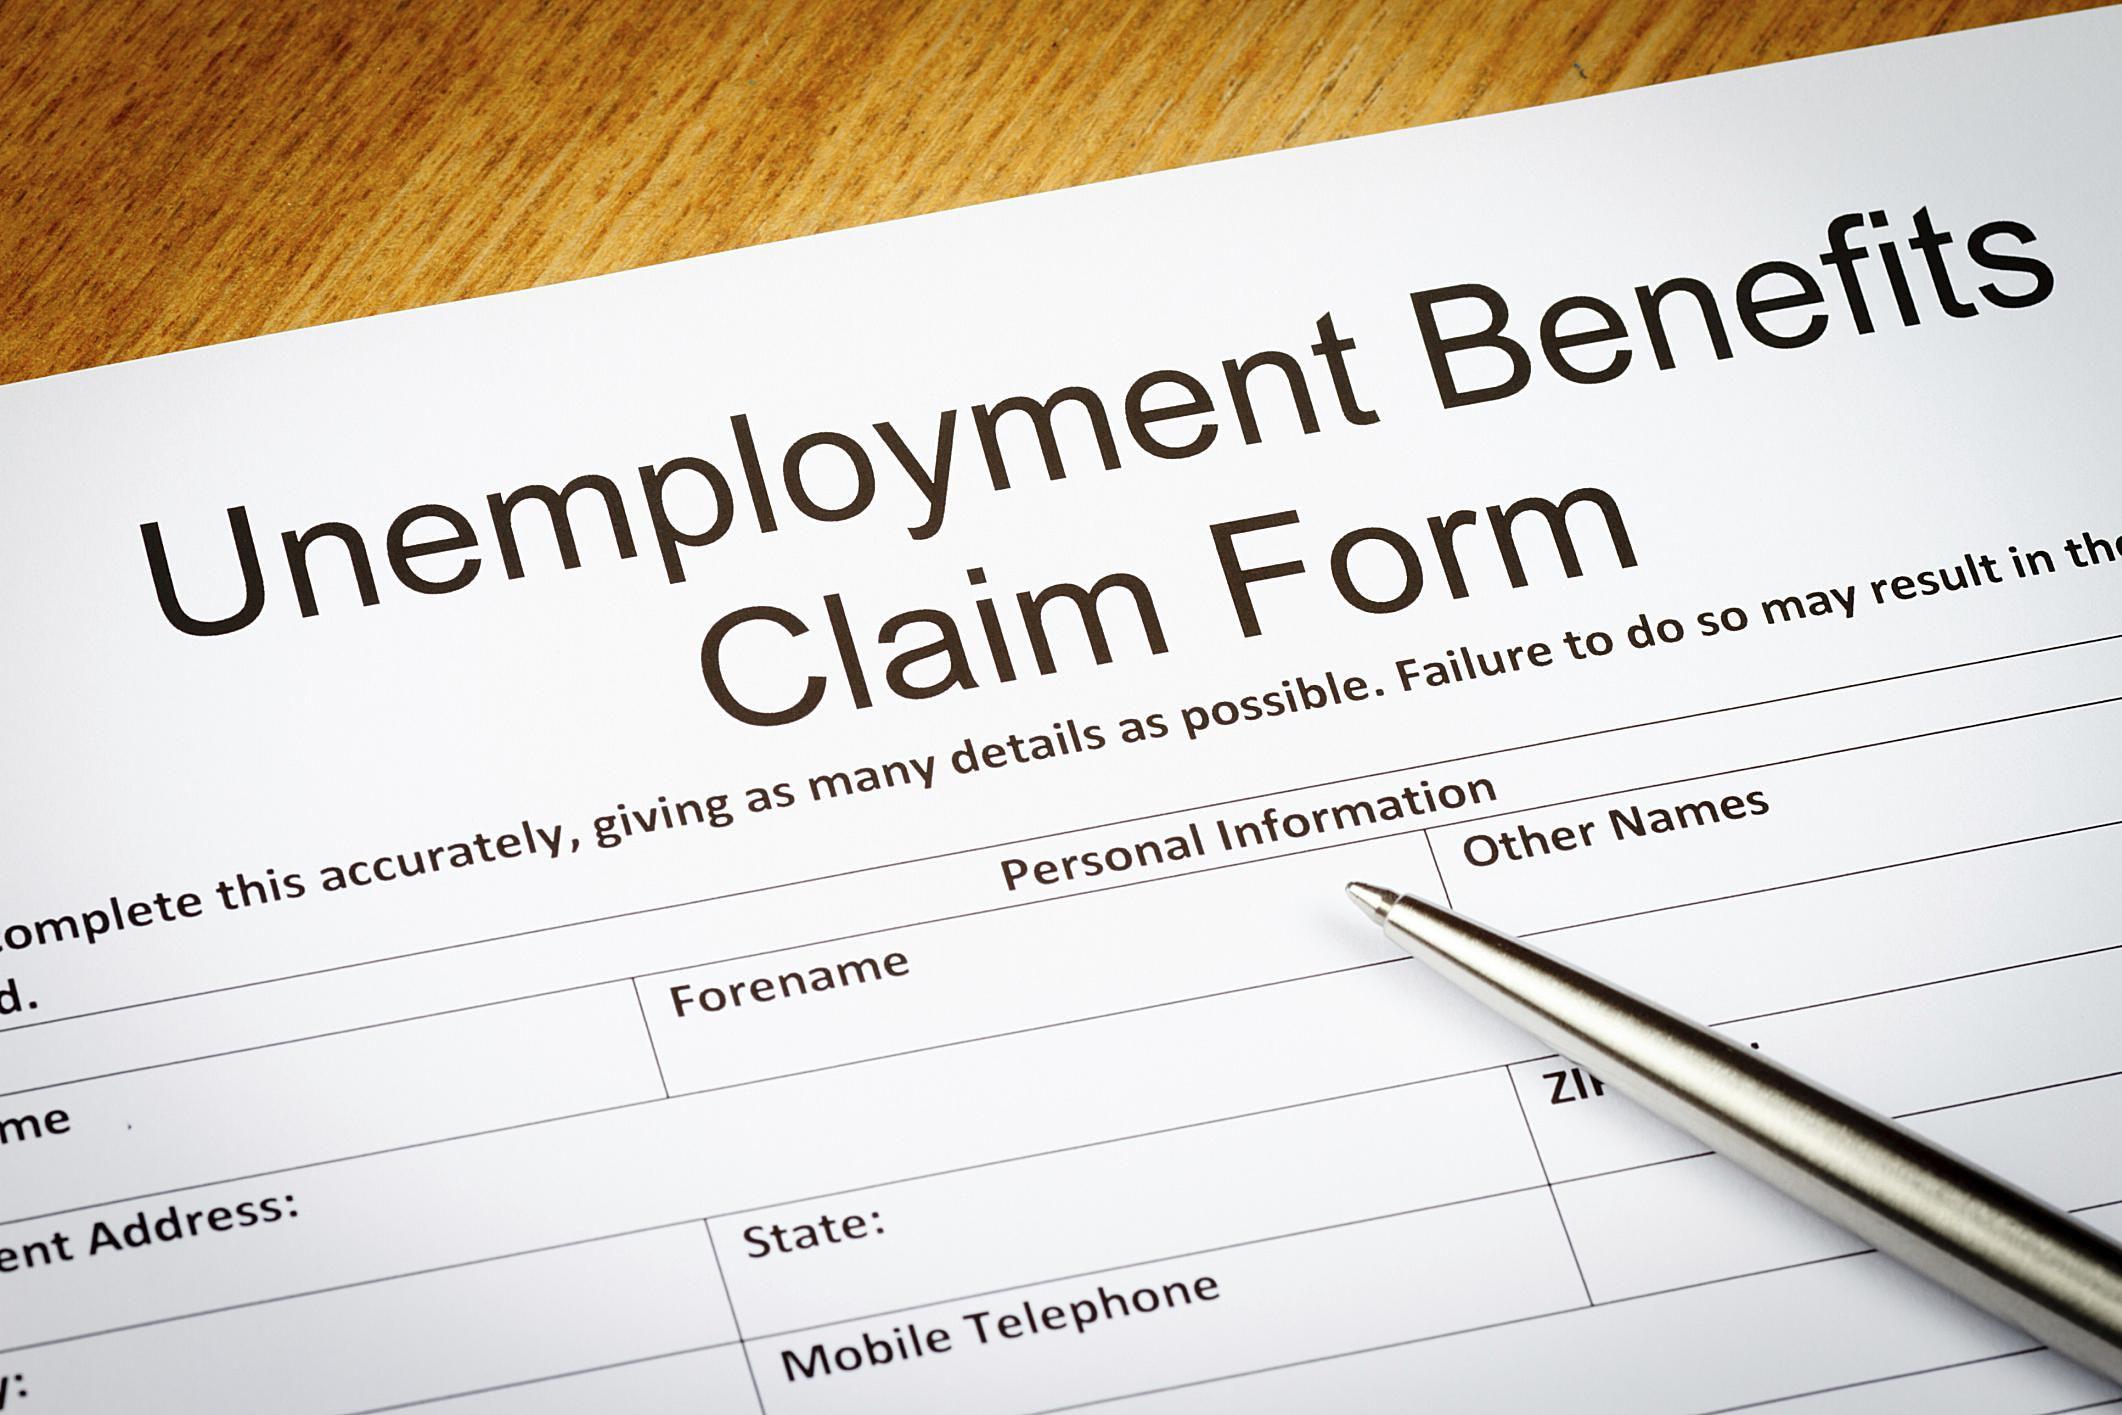 dc unemployment insurance photo - 1